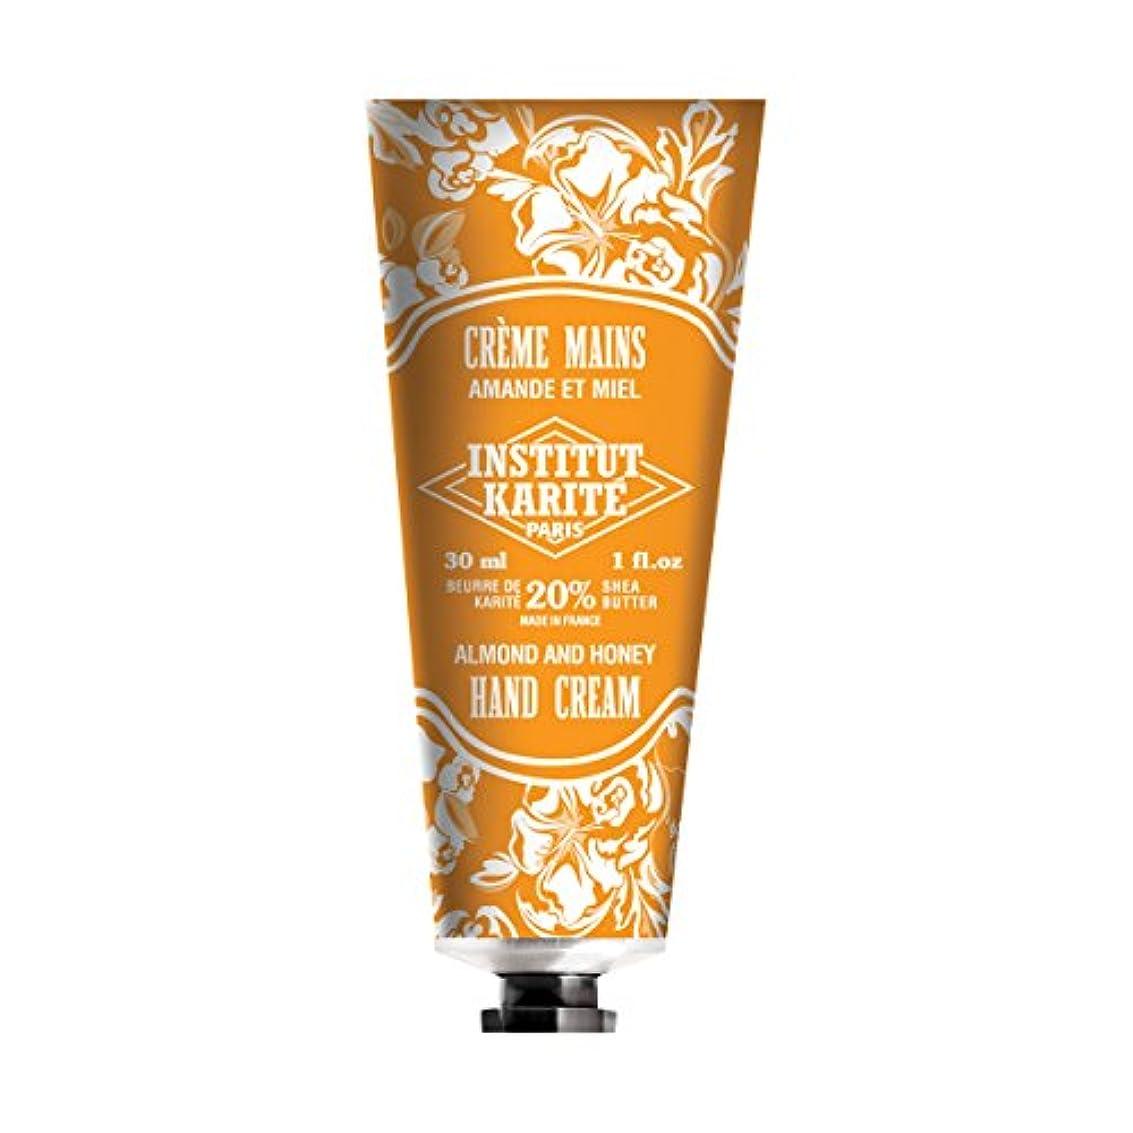 フルーティーオリエント申請中INSTITUT KARITE インスティチュート カリテ Hand Cream 30ml(ハンドクリーム)AMANDE ET MIEL アーモンドハニー